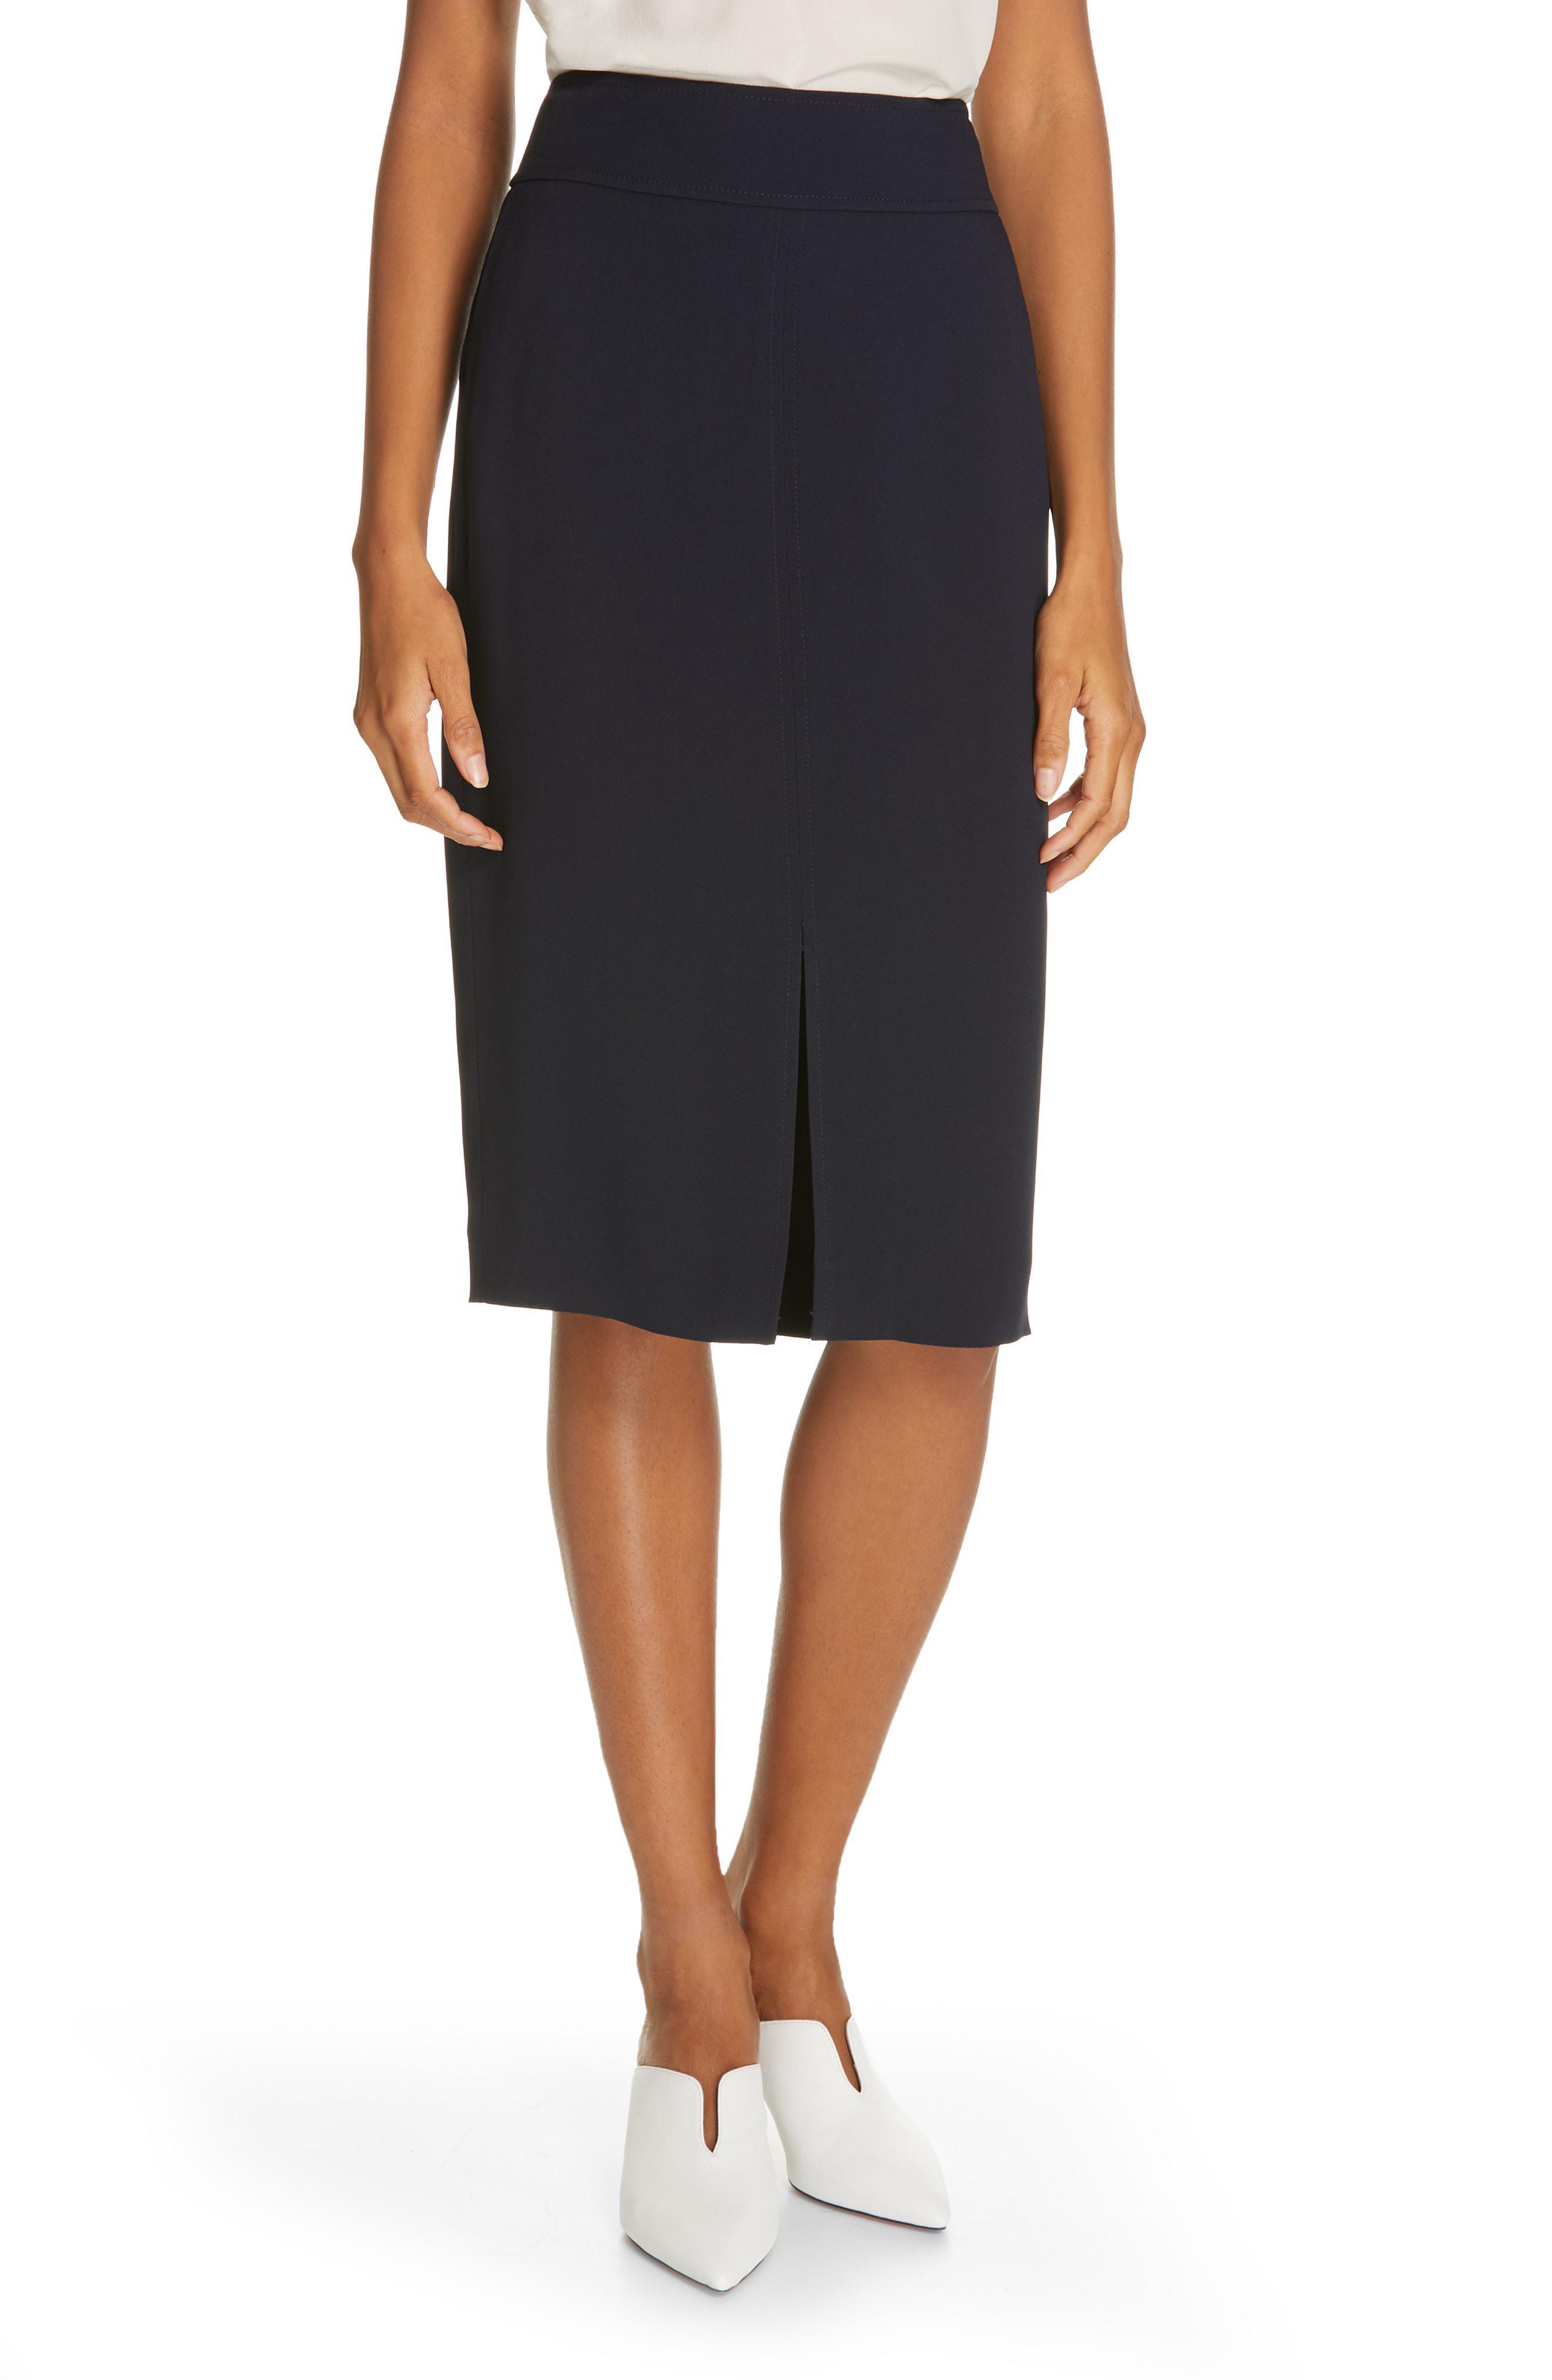 d6a0392d4 Lyst - Lewit Pencil Skirt in Black